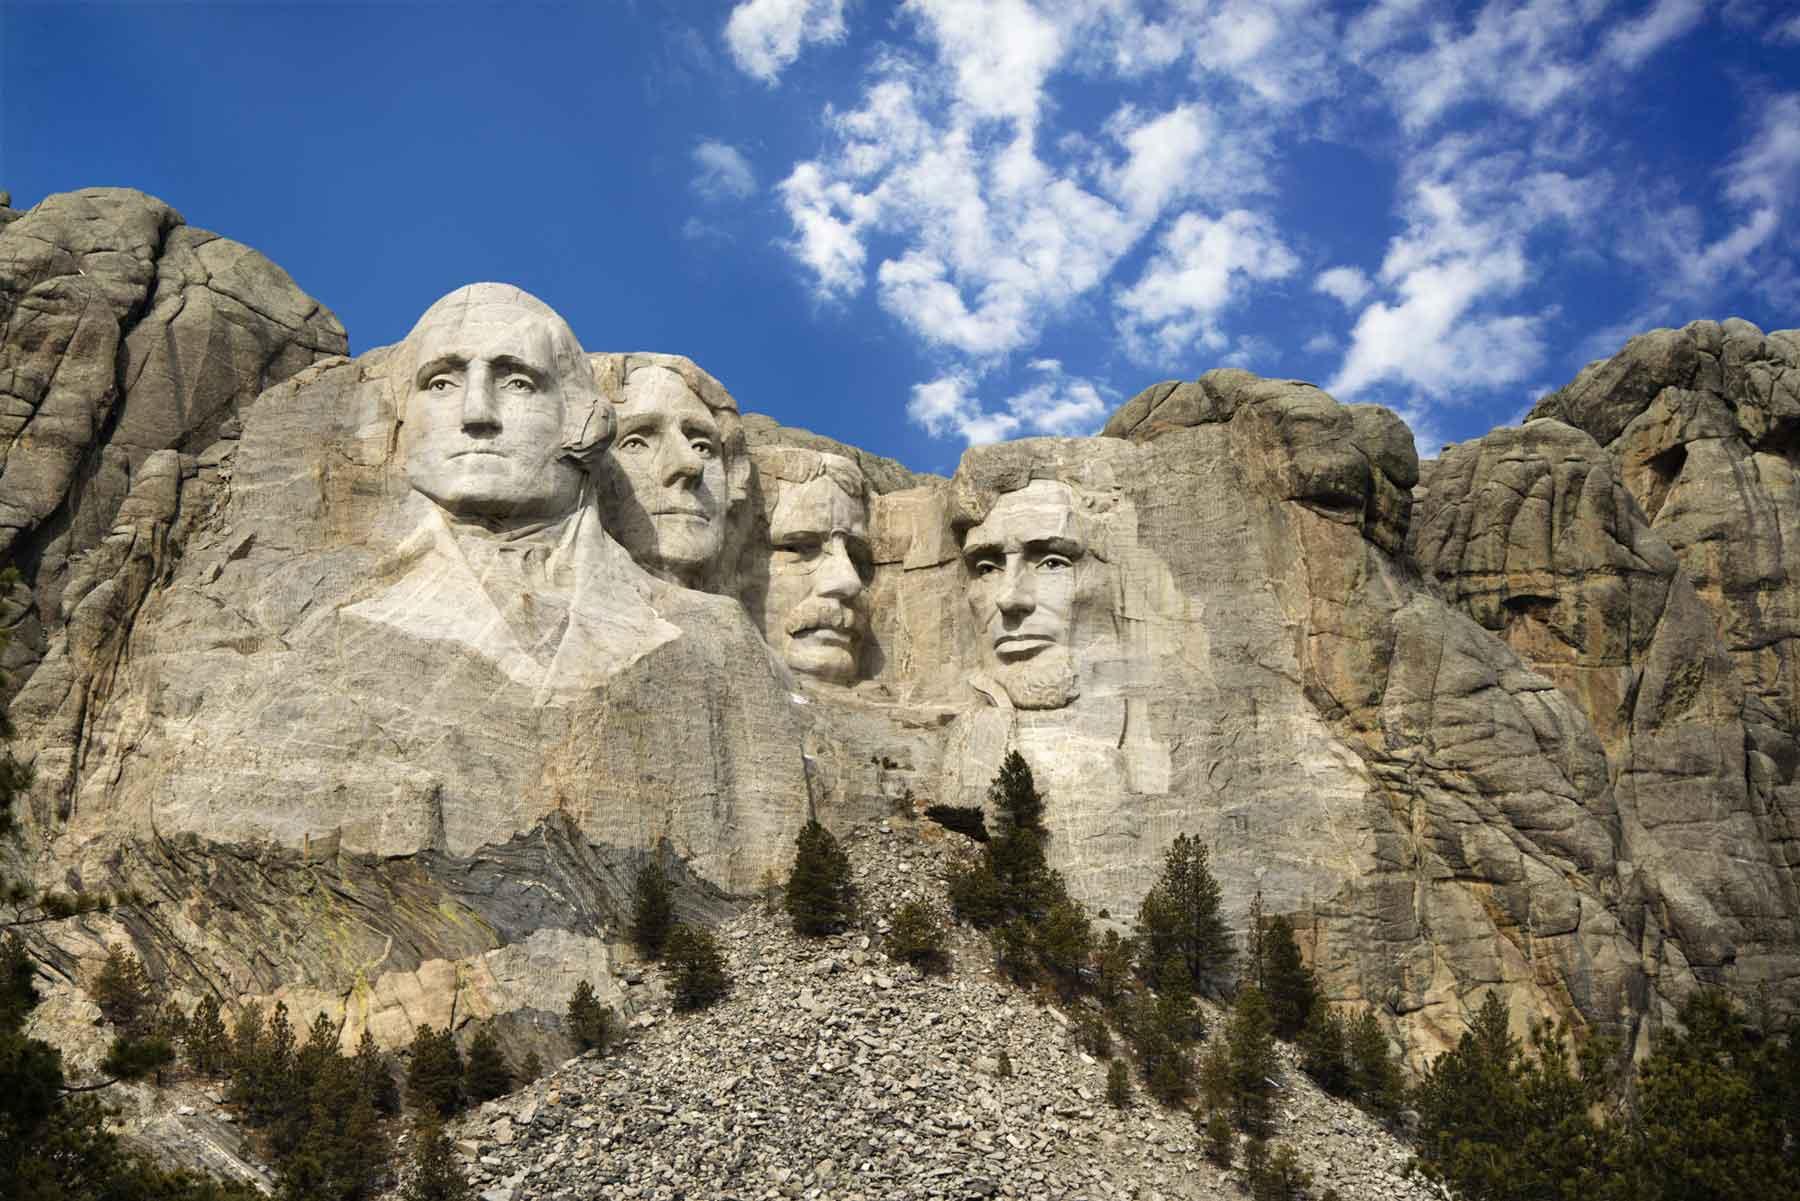 Mount Rushmore National Memorial Scenic